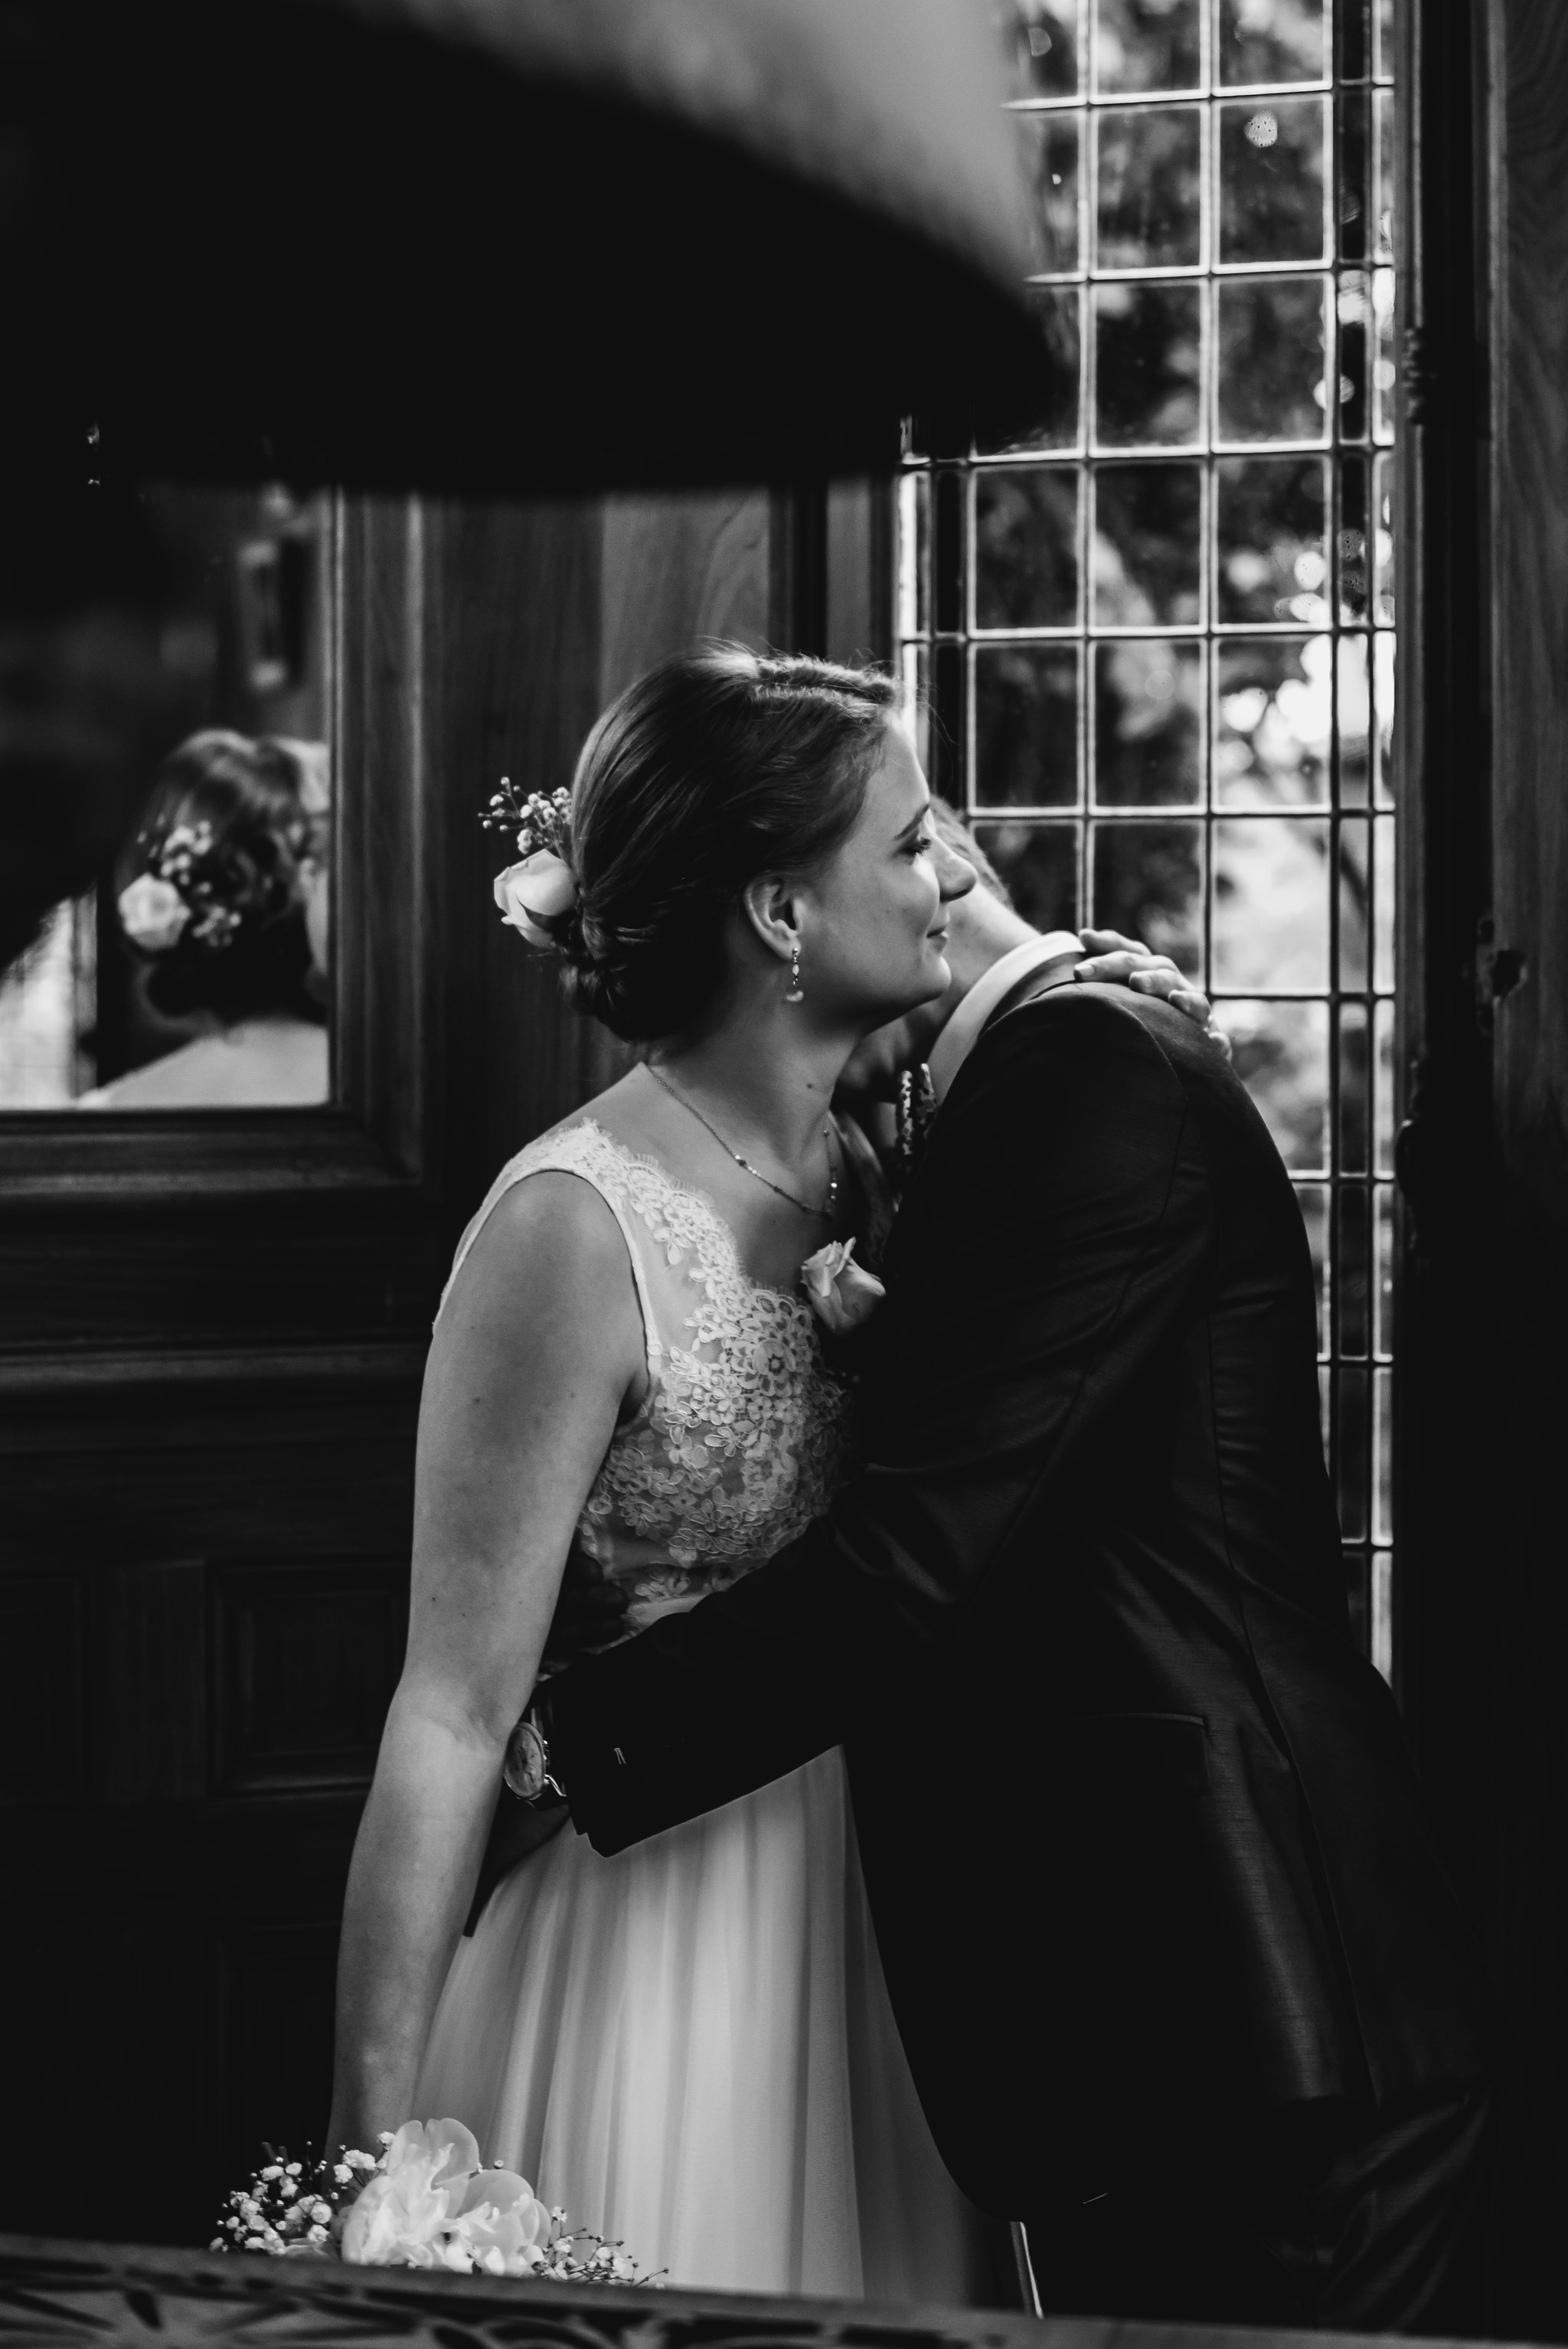 Léa-Fery-photographe-professionnel-lyon-rhone-alpes-portrait-creation-mariage-evenement-evenementiel-famille-1852.jpg